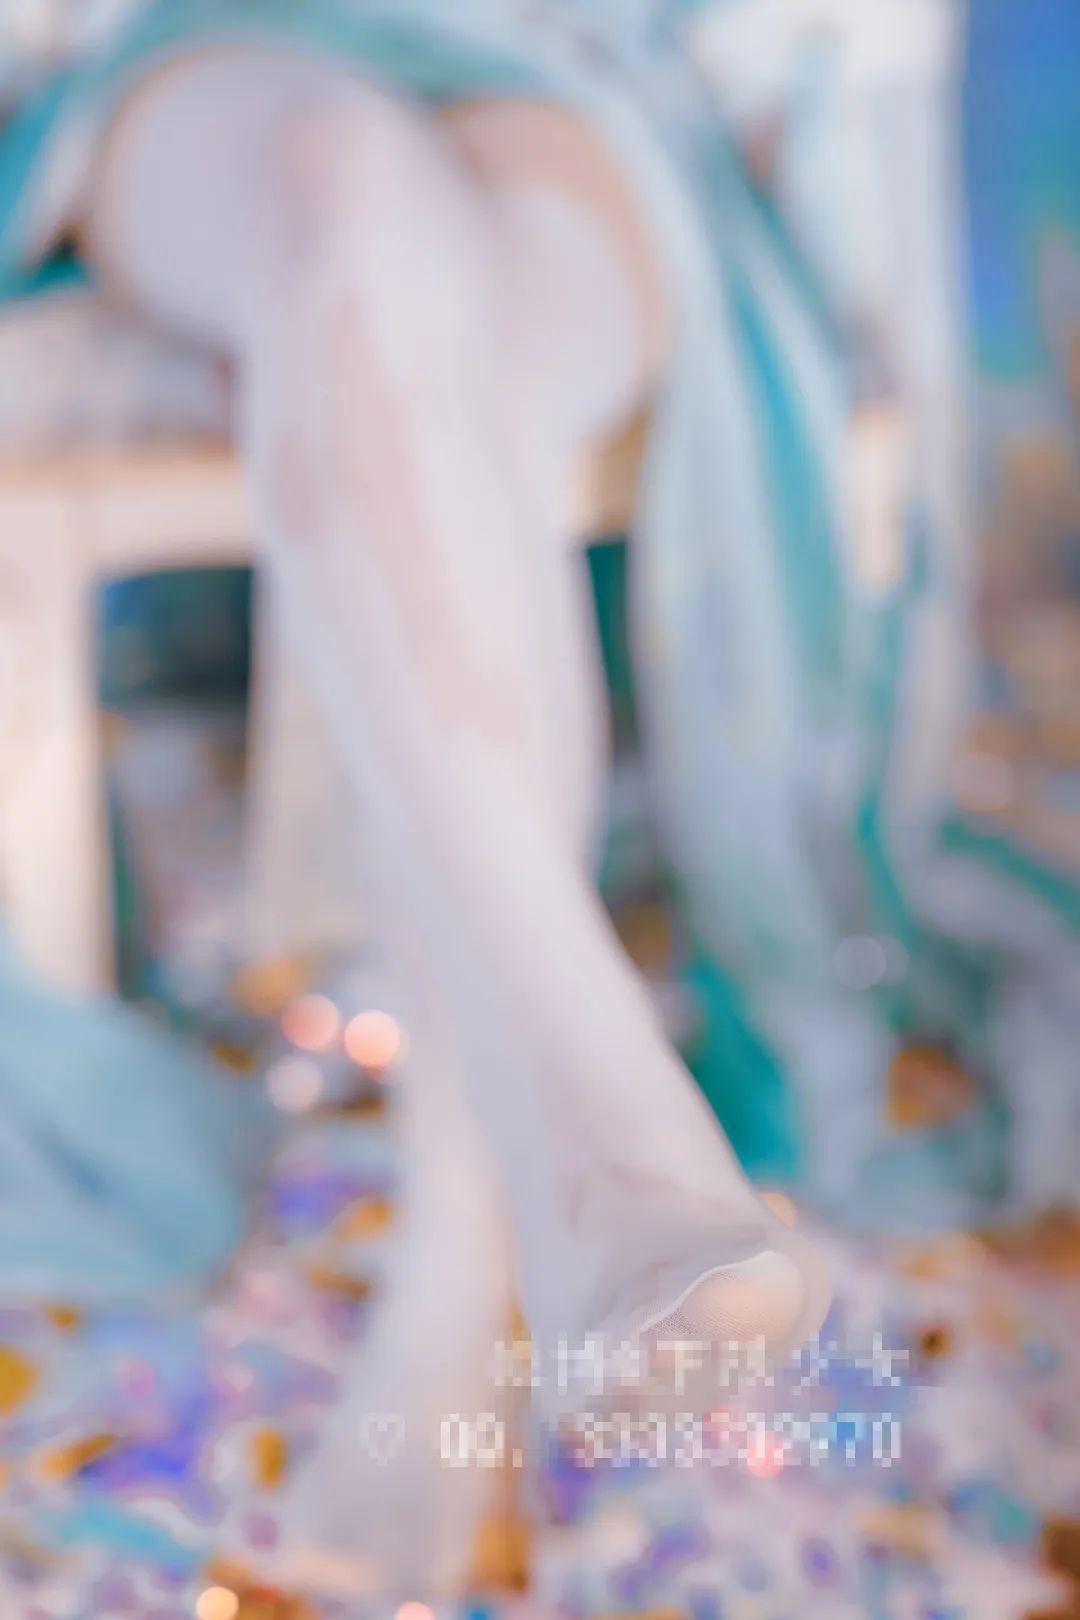 妹子摄影 – 黑白丝袜+裸足 少女女仆装_图片 No.7